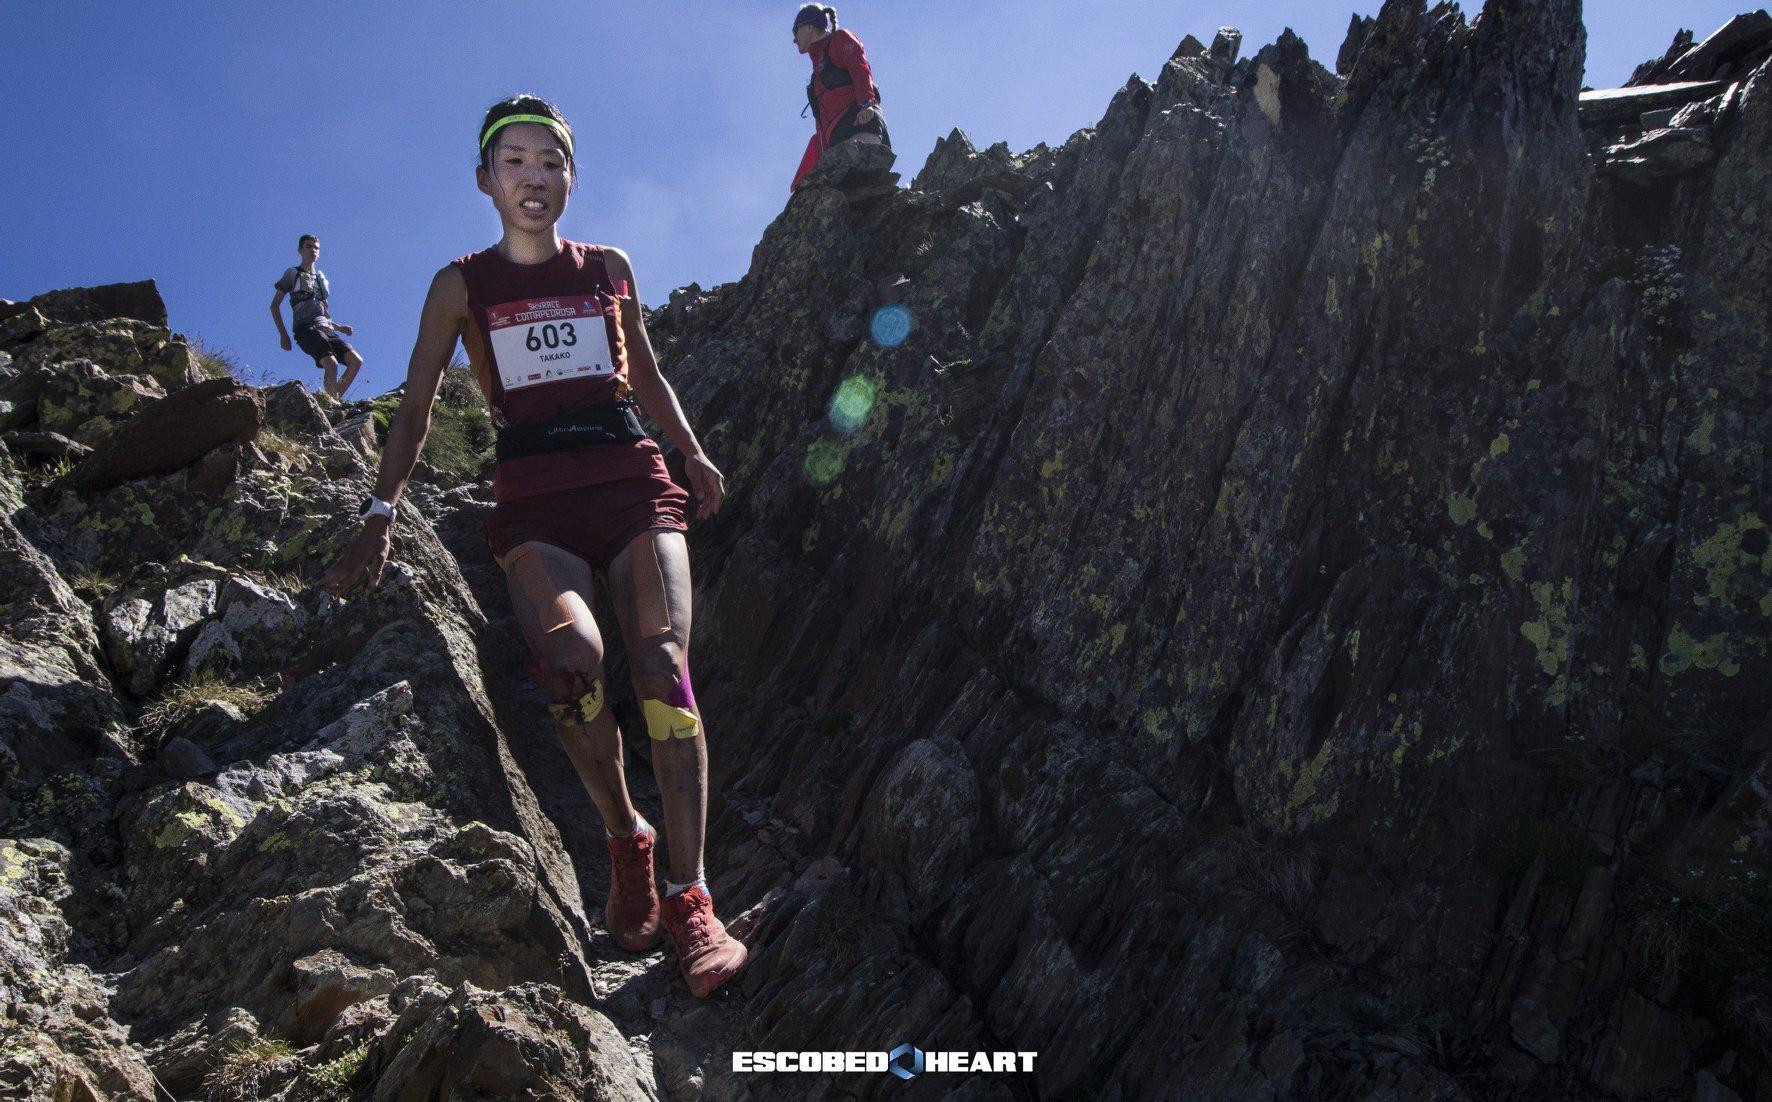 コマペドローサ山頂直下のテクニカルなダウンヒル。最後まで攻め続ける ©Skyrace Comapedrosa